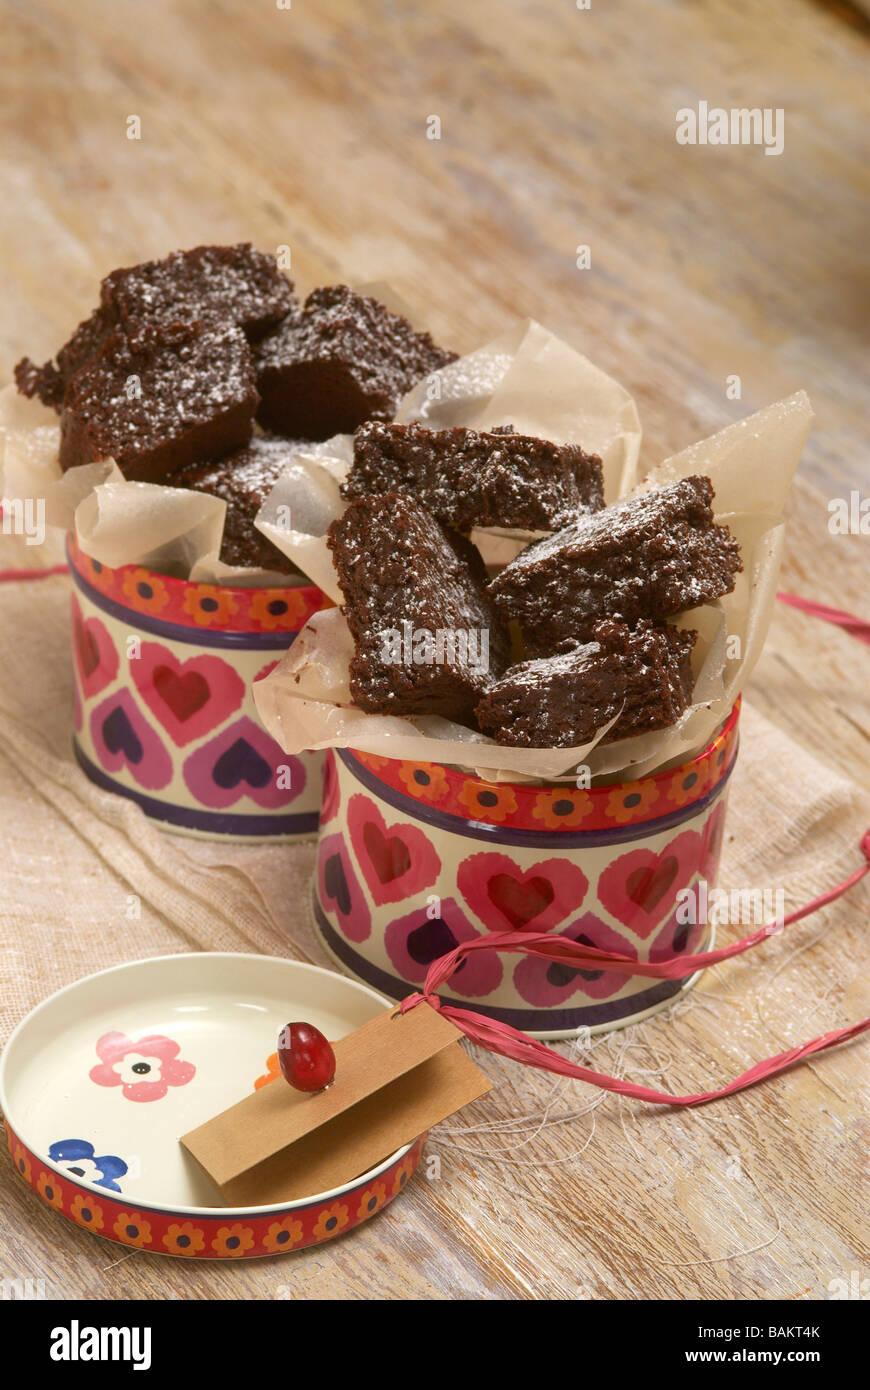 Brownie al cioccolato in lattine circondato da carta oleata Immagini Stock